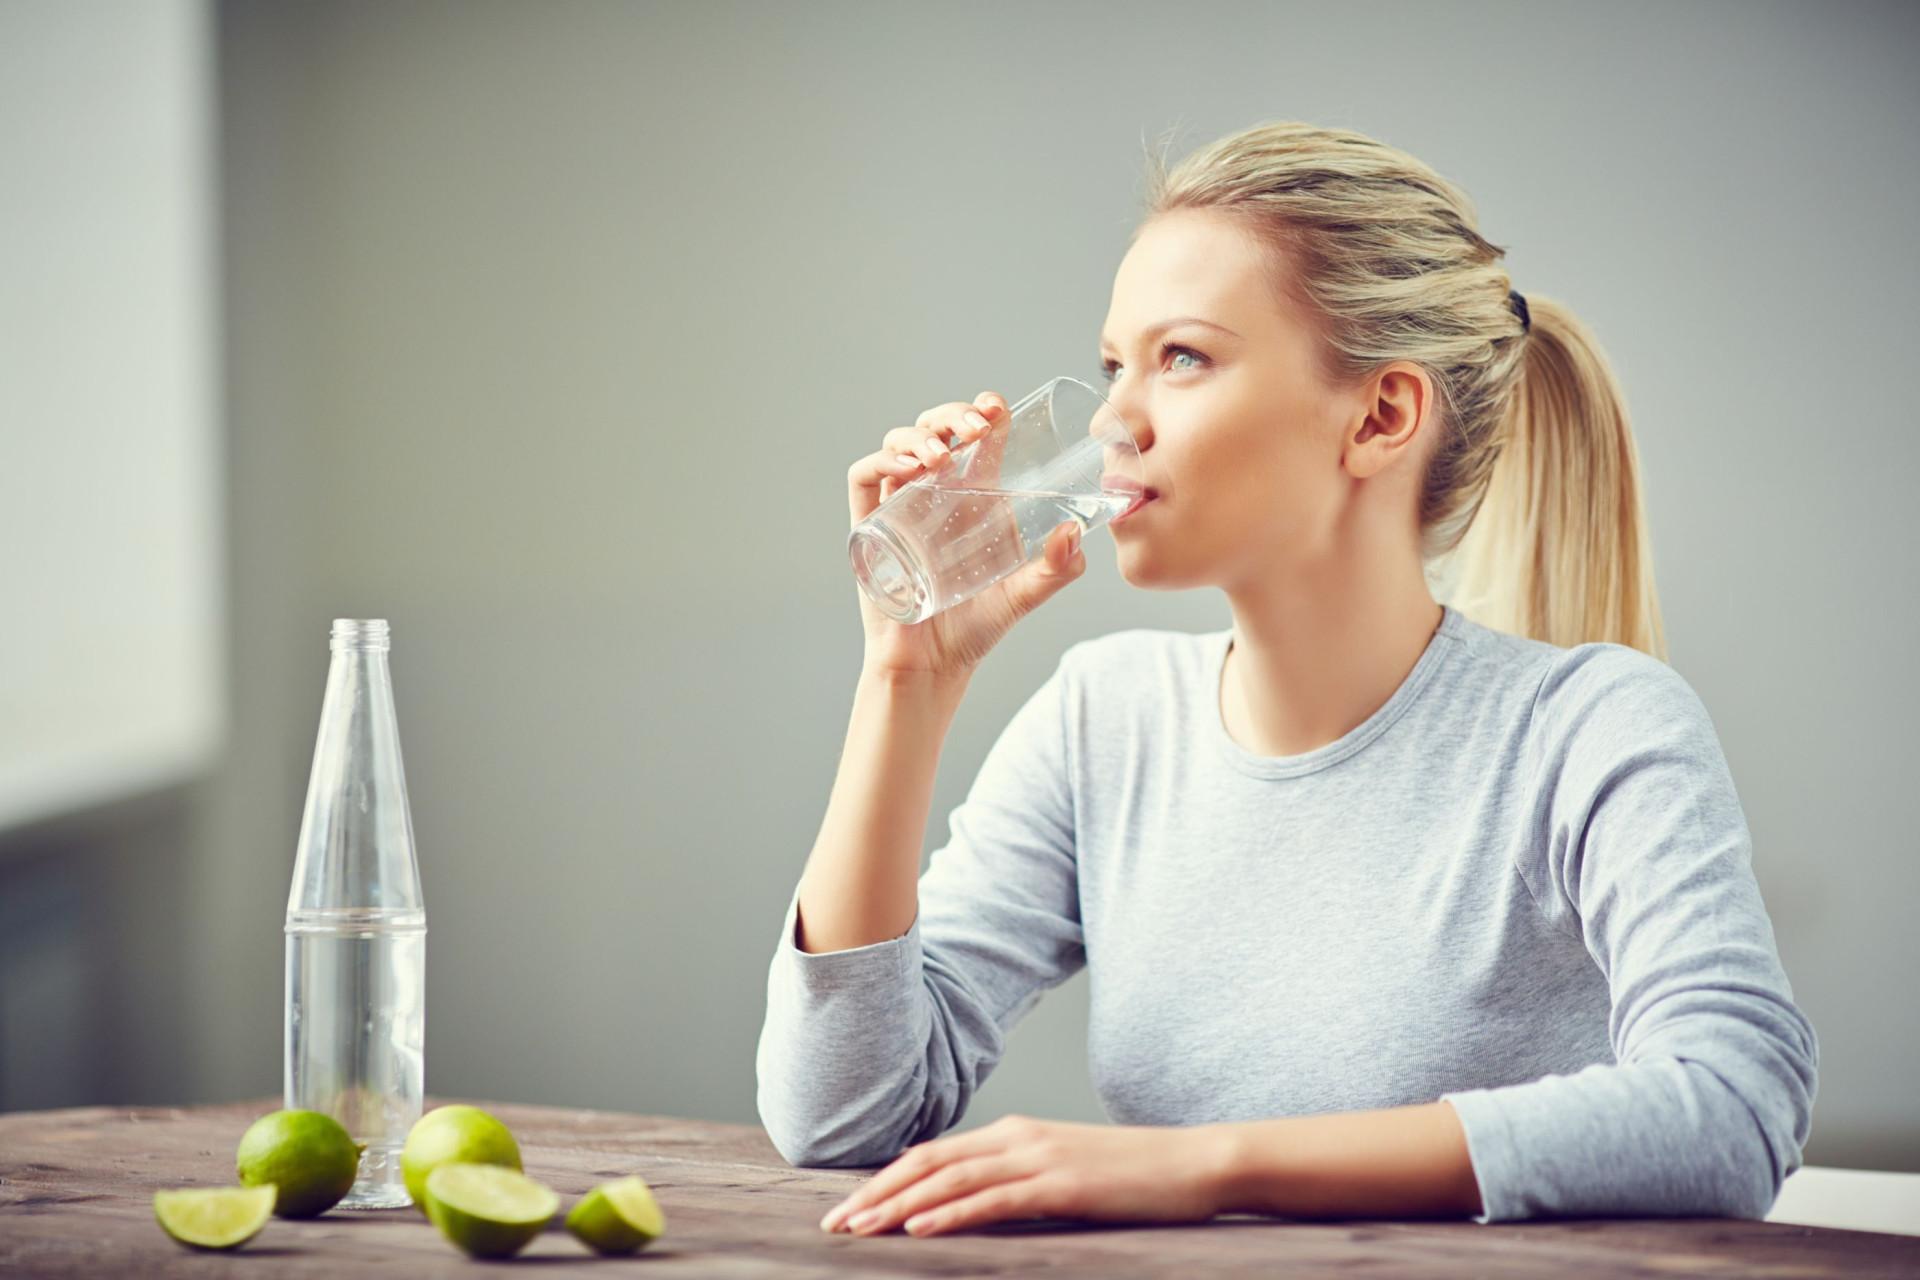 Se nunca tem sede, estas são as 12 medidas que deve mesmo adotar